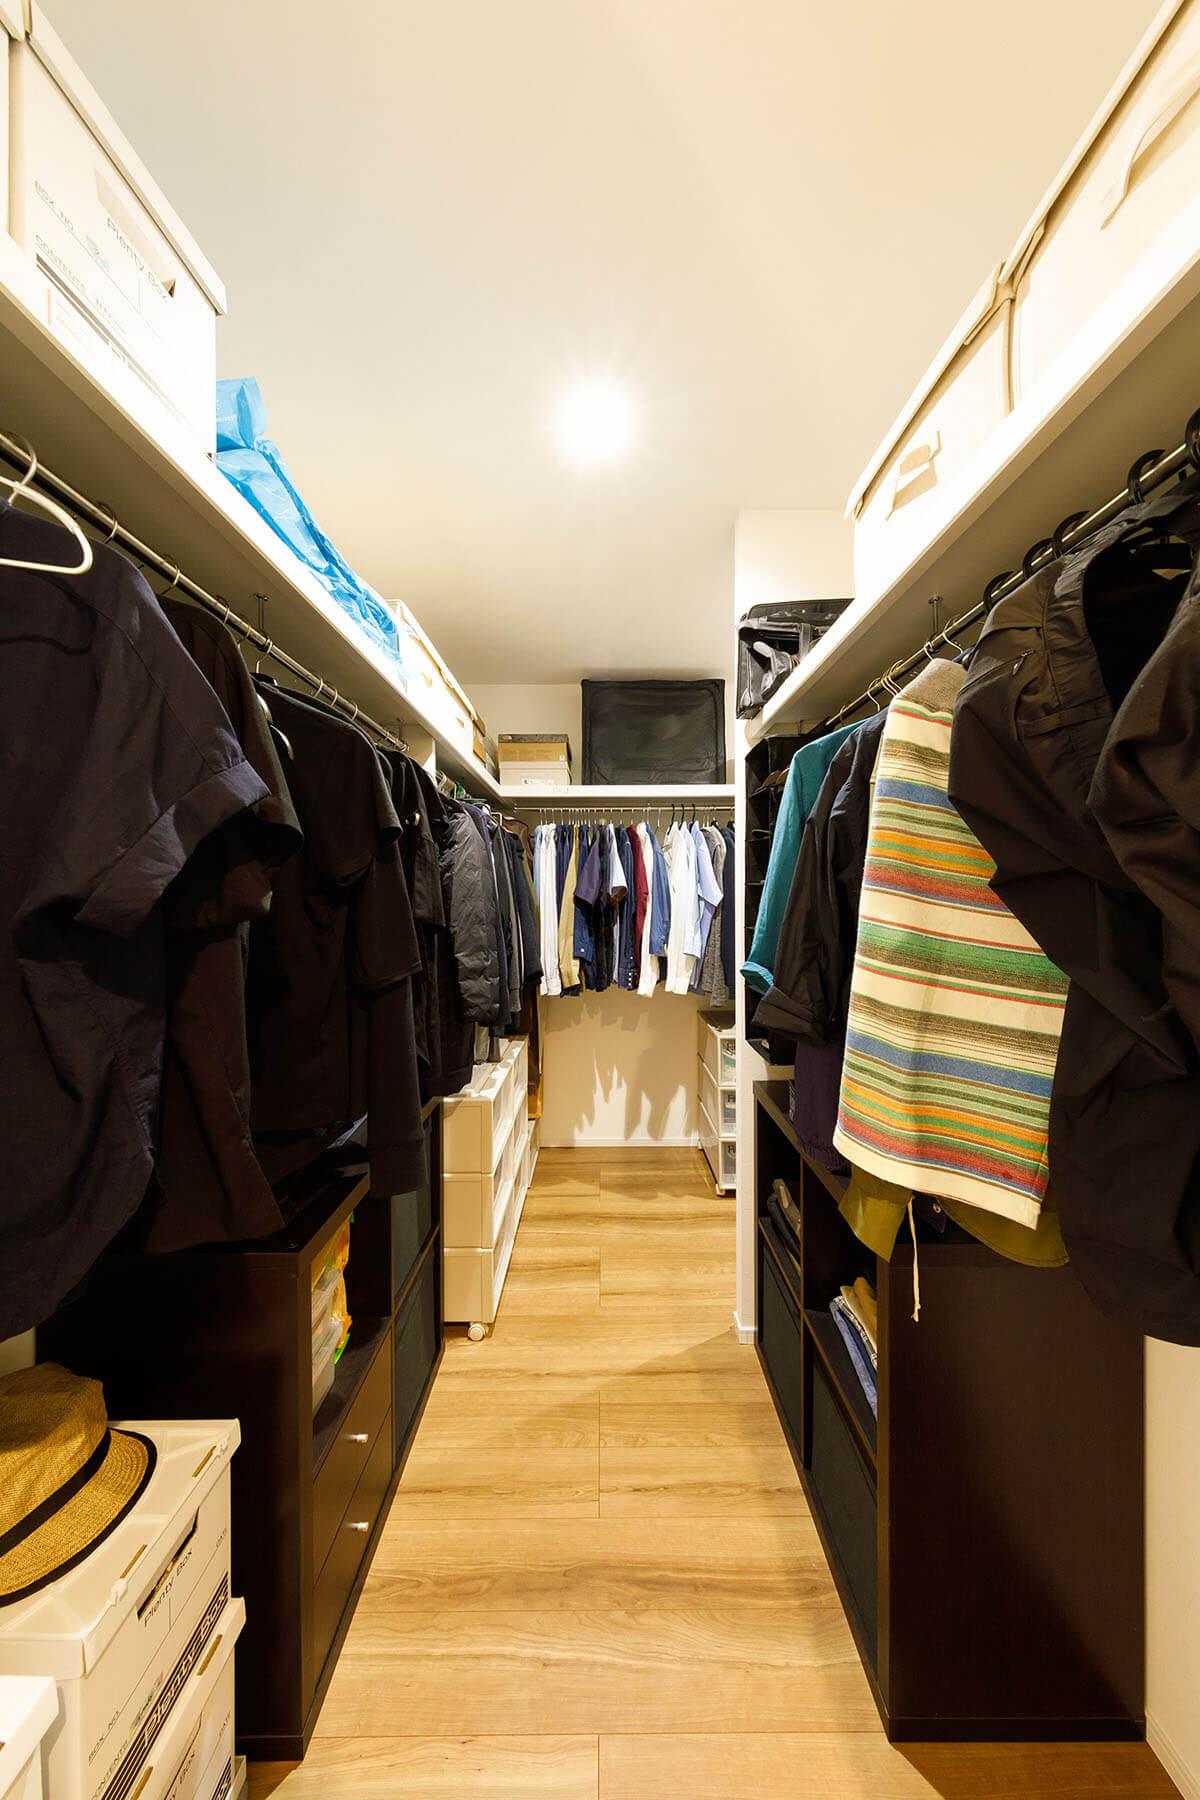 2階にある収納力抜群のファミリークローゼット。家族全員の衣類や季節ものを、ここに集中的に収納します。